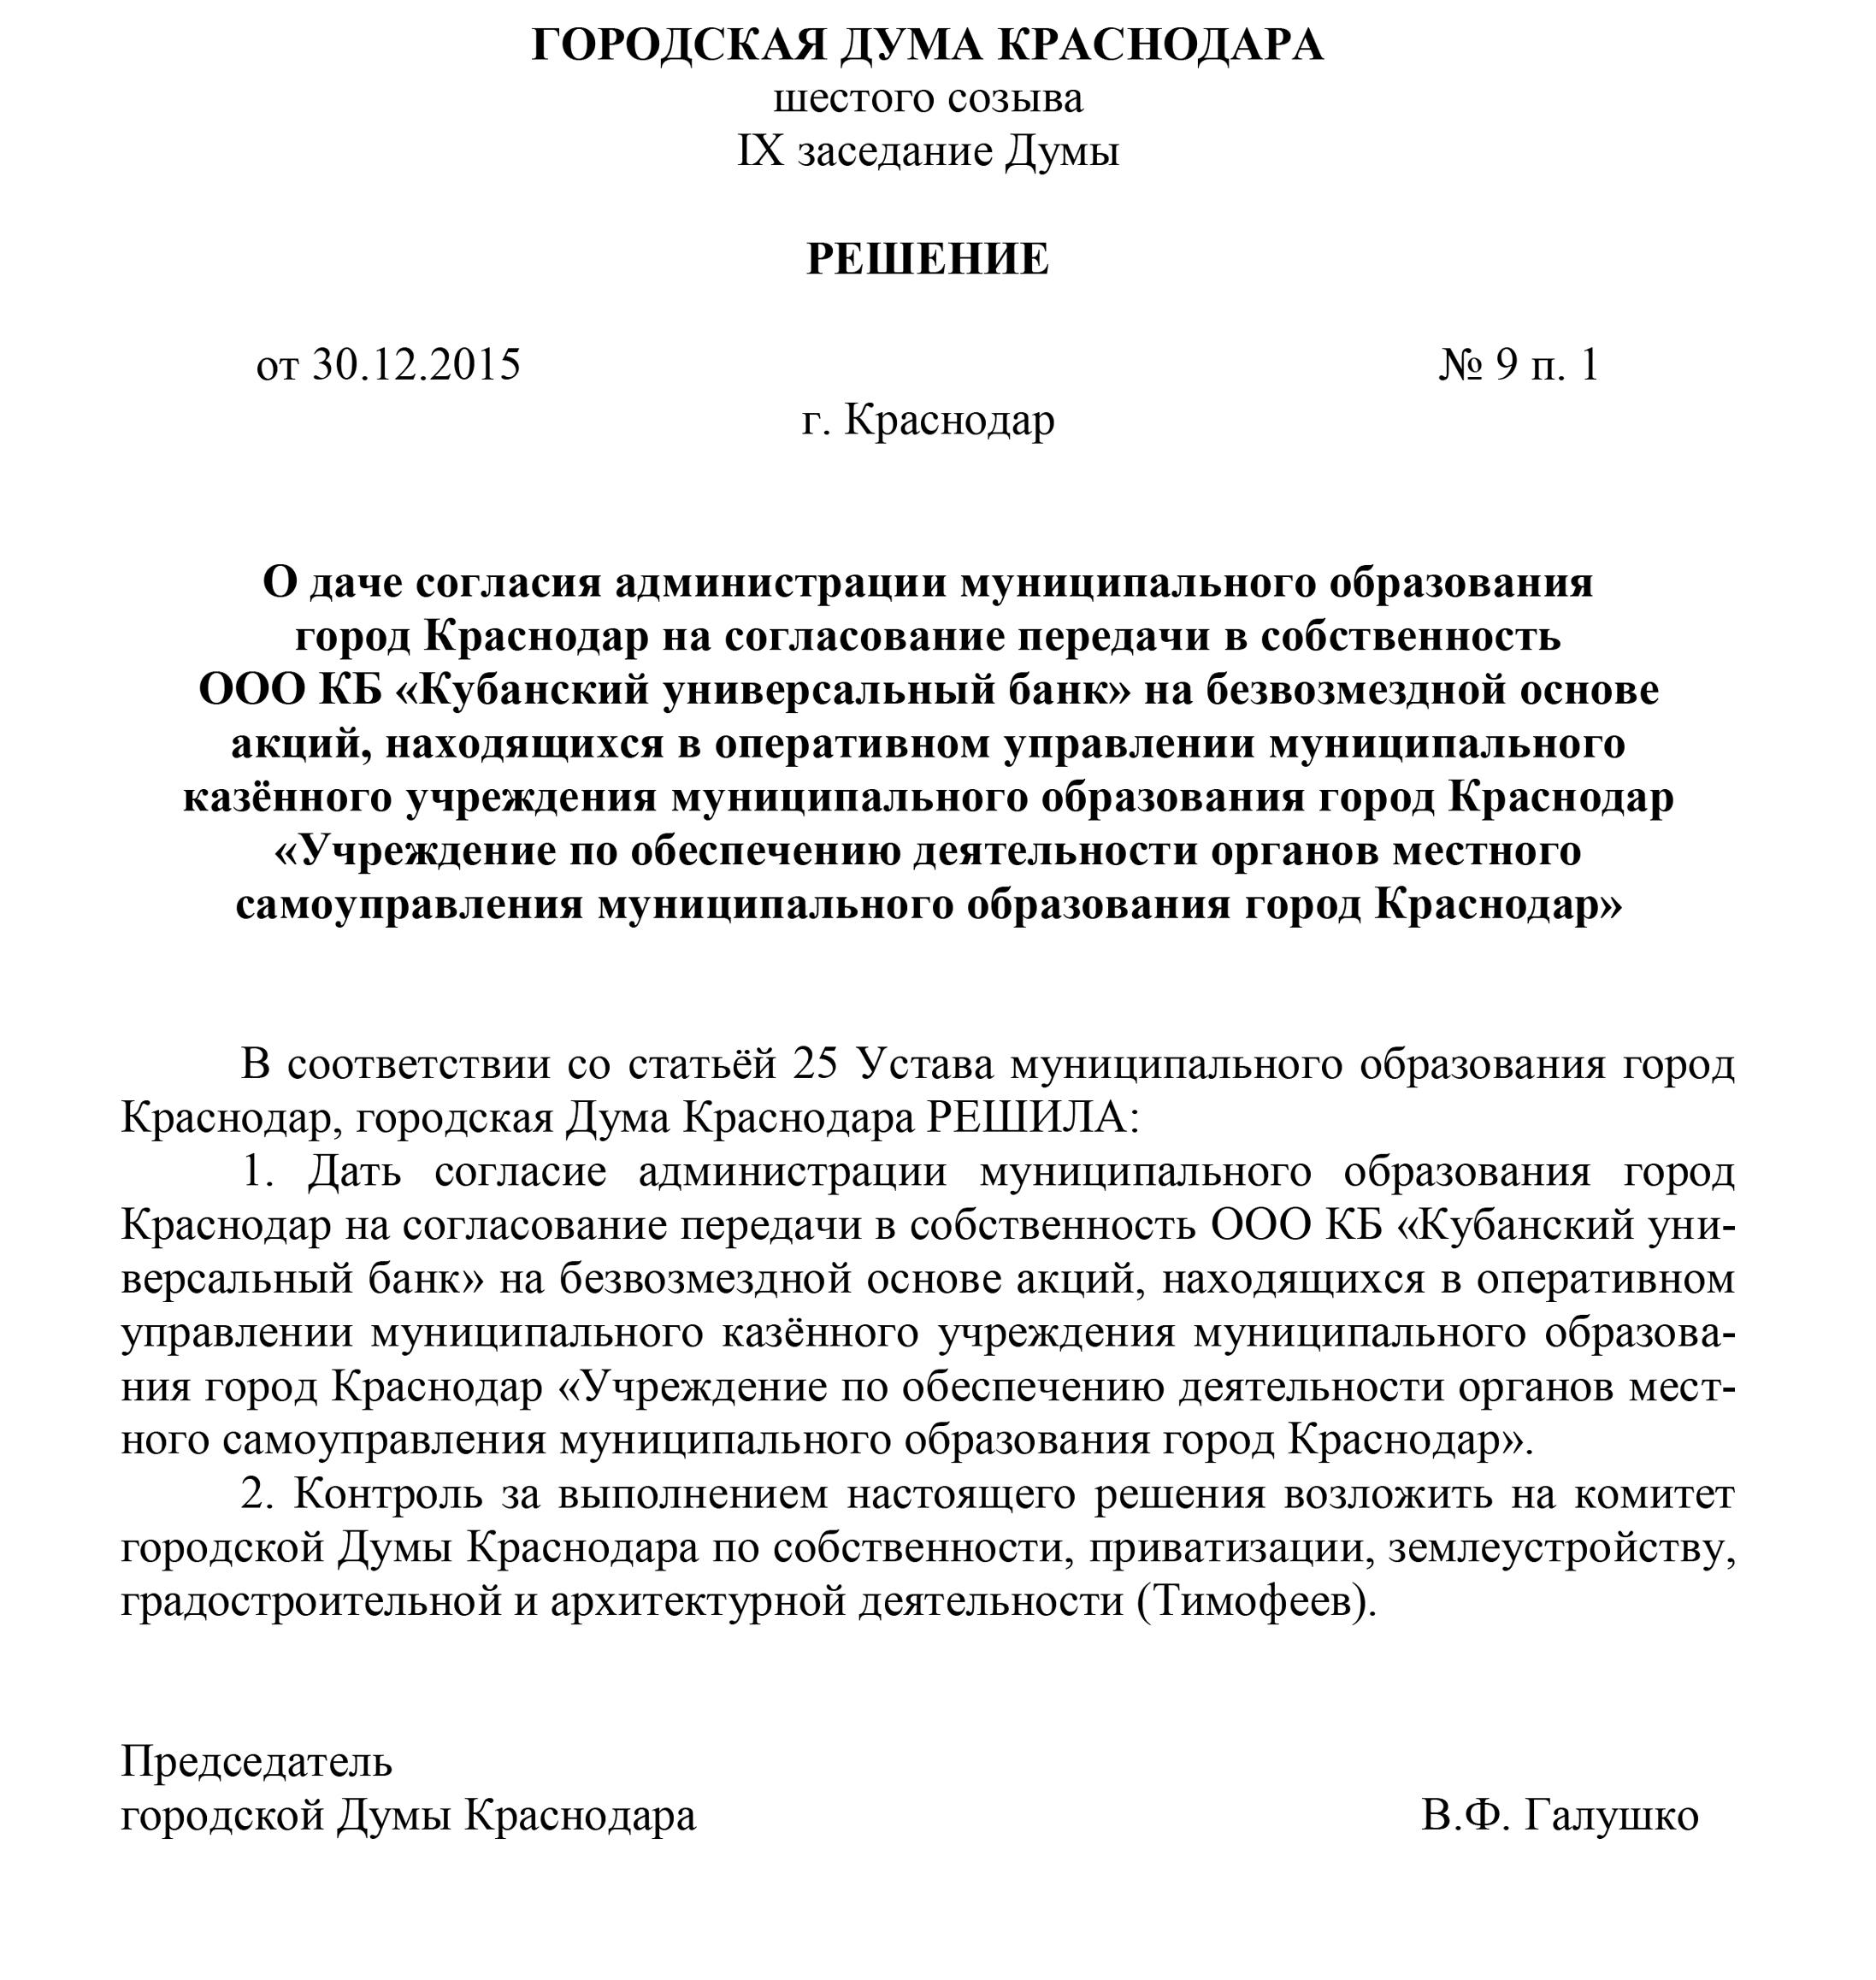 Решение городской думы Краснодара 9п1